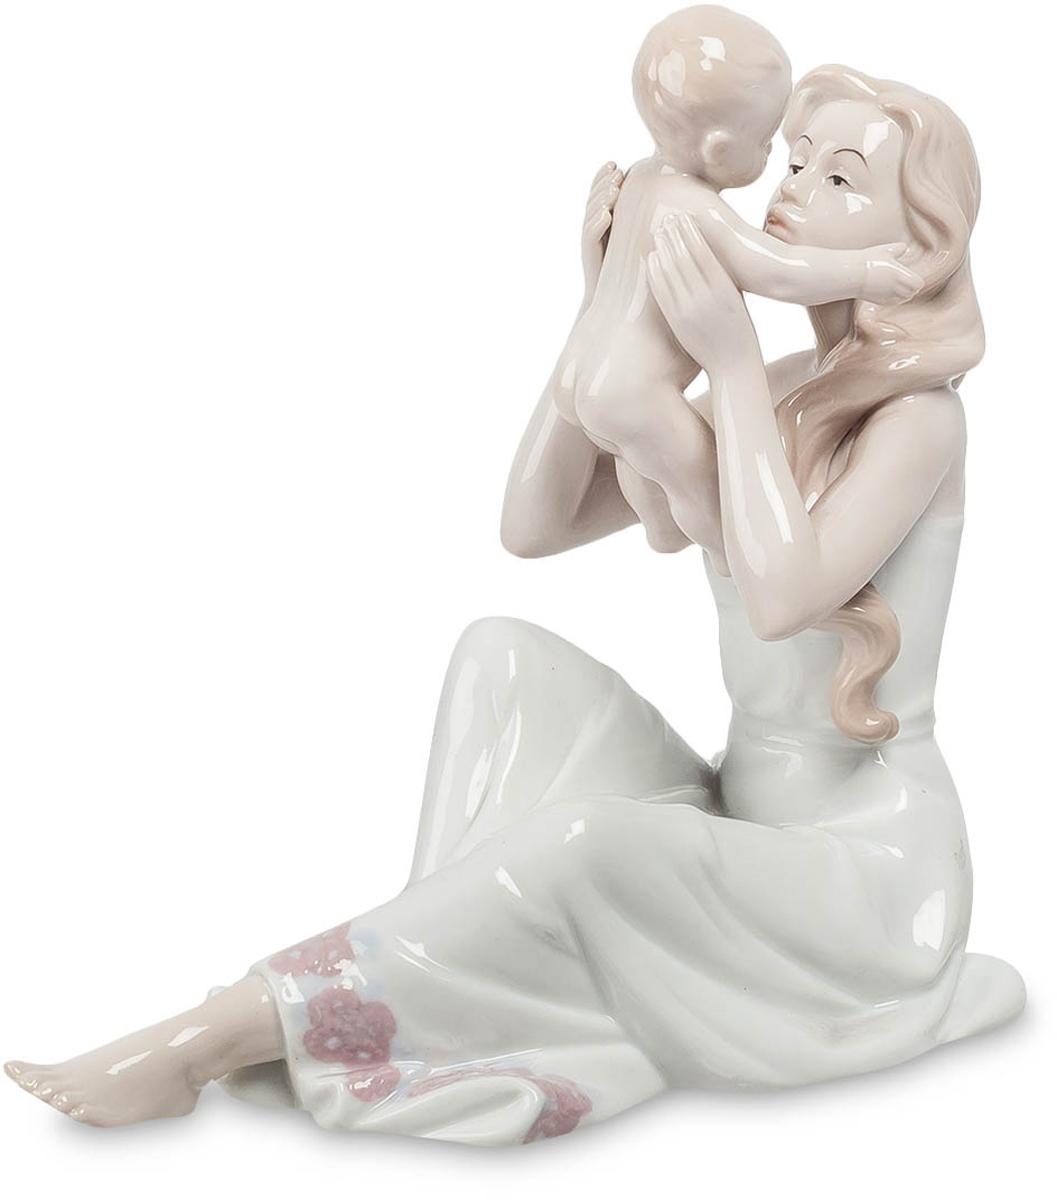 Фигурка Pavone Девушка с ребенком. JP-15/23JP-15/23Фигурка Девушки с ребёнком высотой 18 см. Целый день маму не видел, соскучился так сильно!